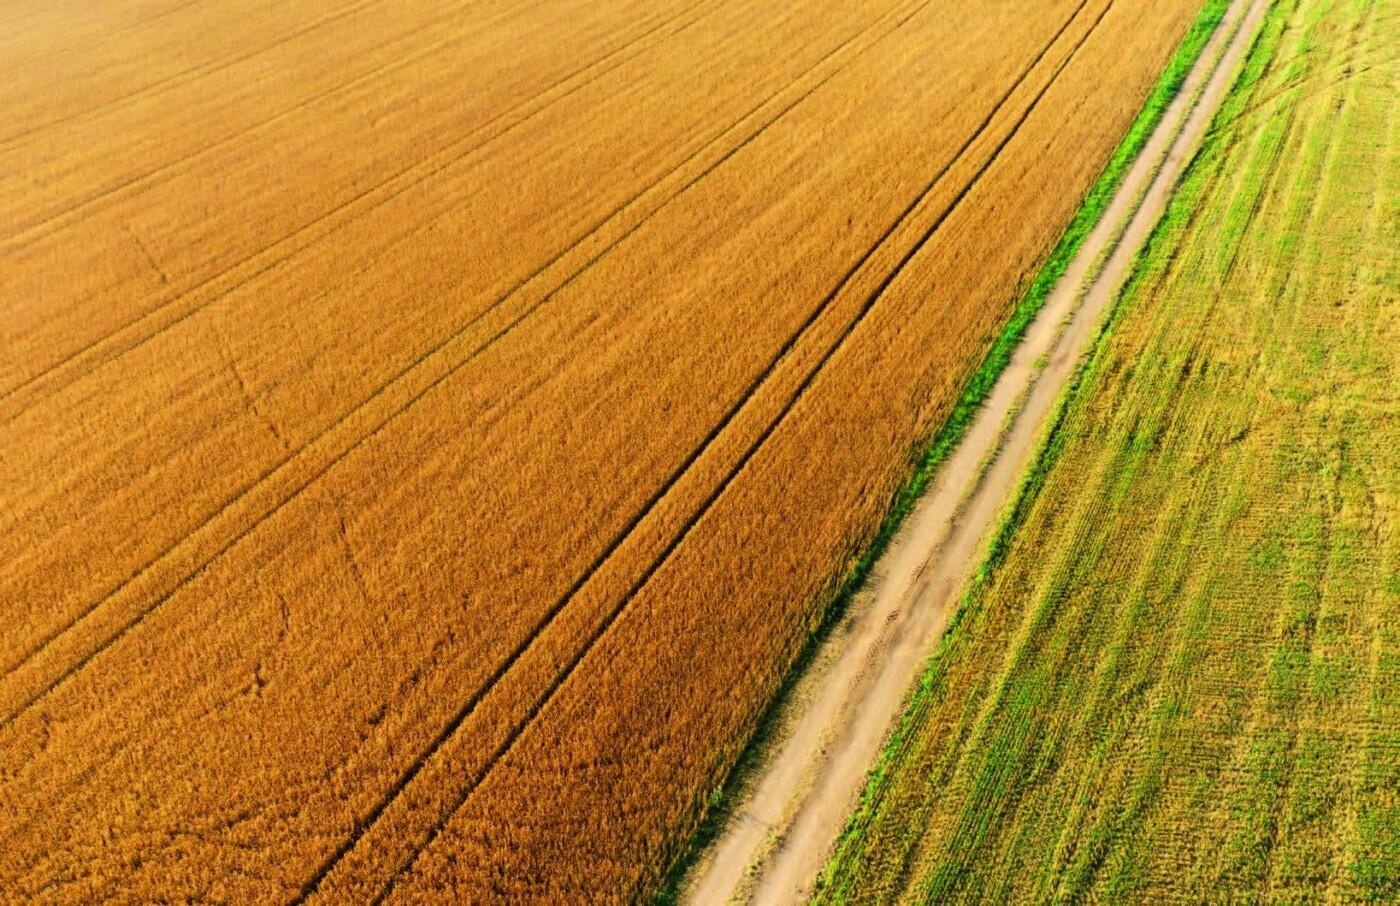 Мішки зерна замість грошей: чому мораторій на продаж землі буксує розвиток сіл Донеччини, фото-1